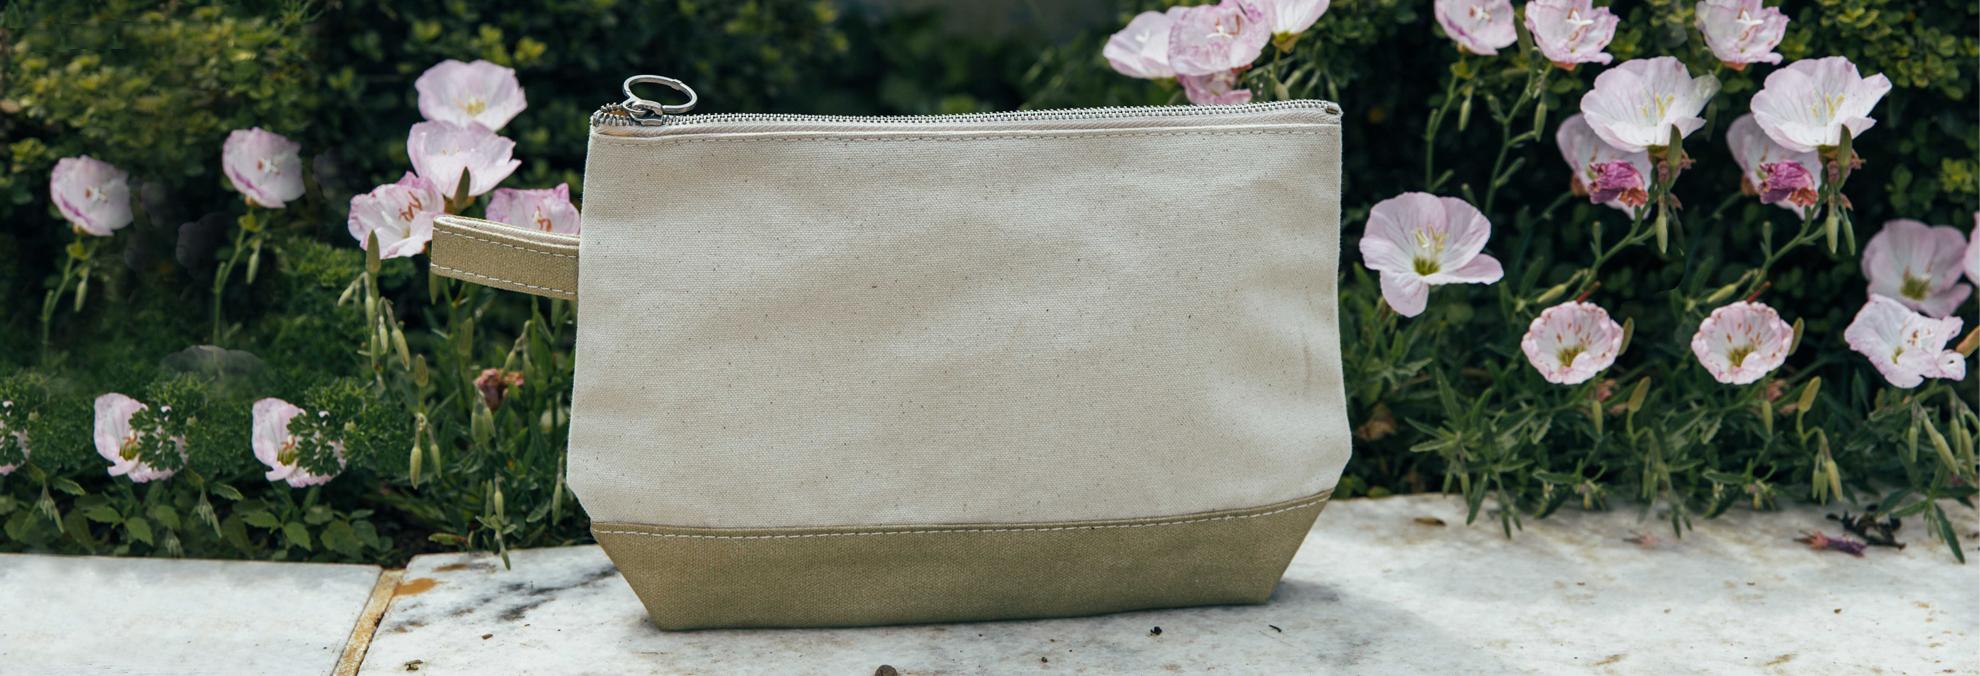 Zip Bags